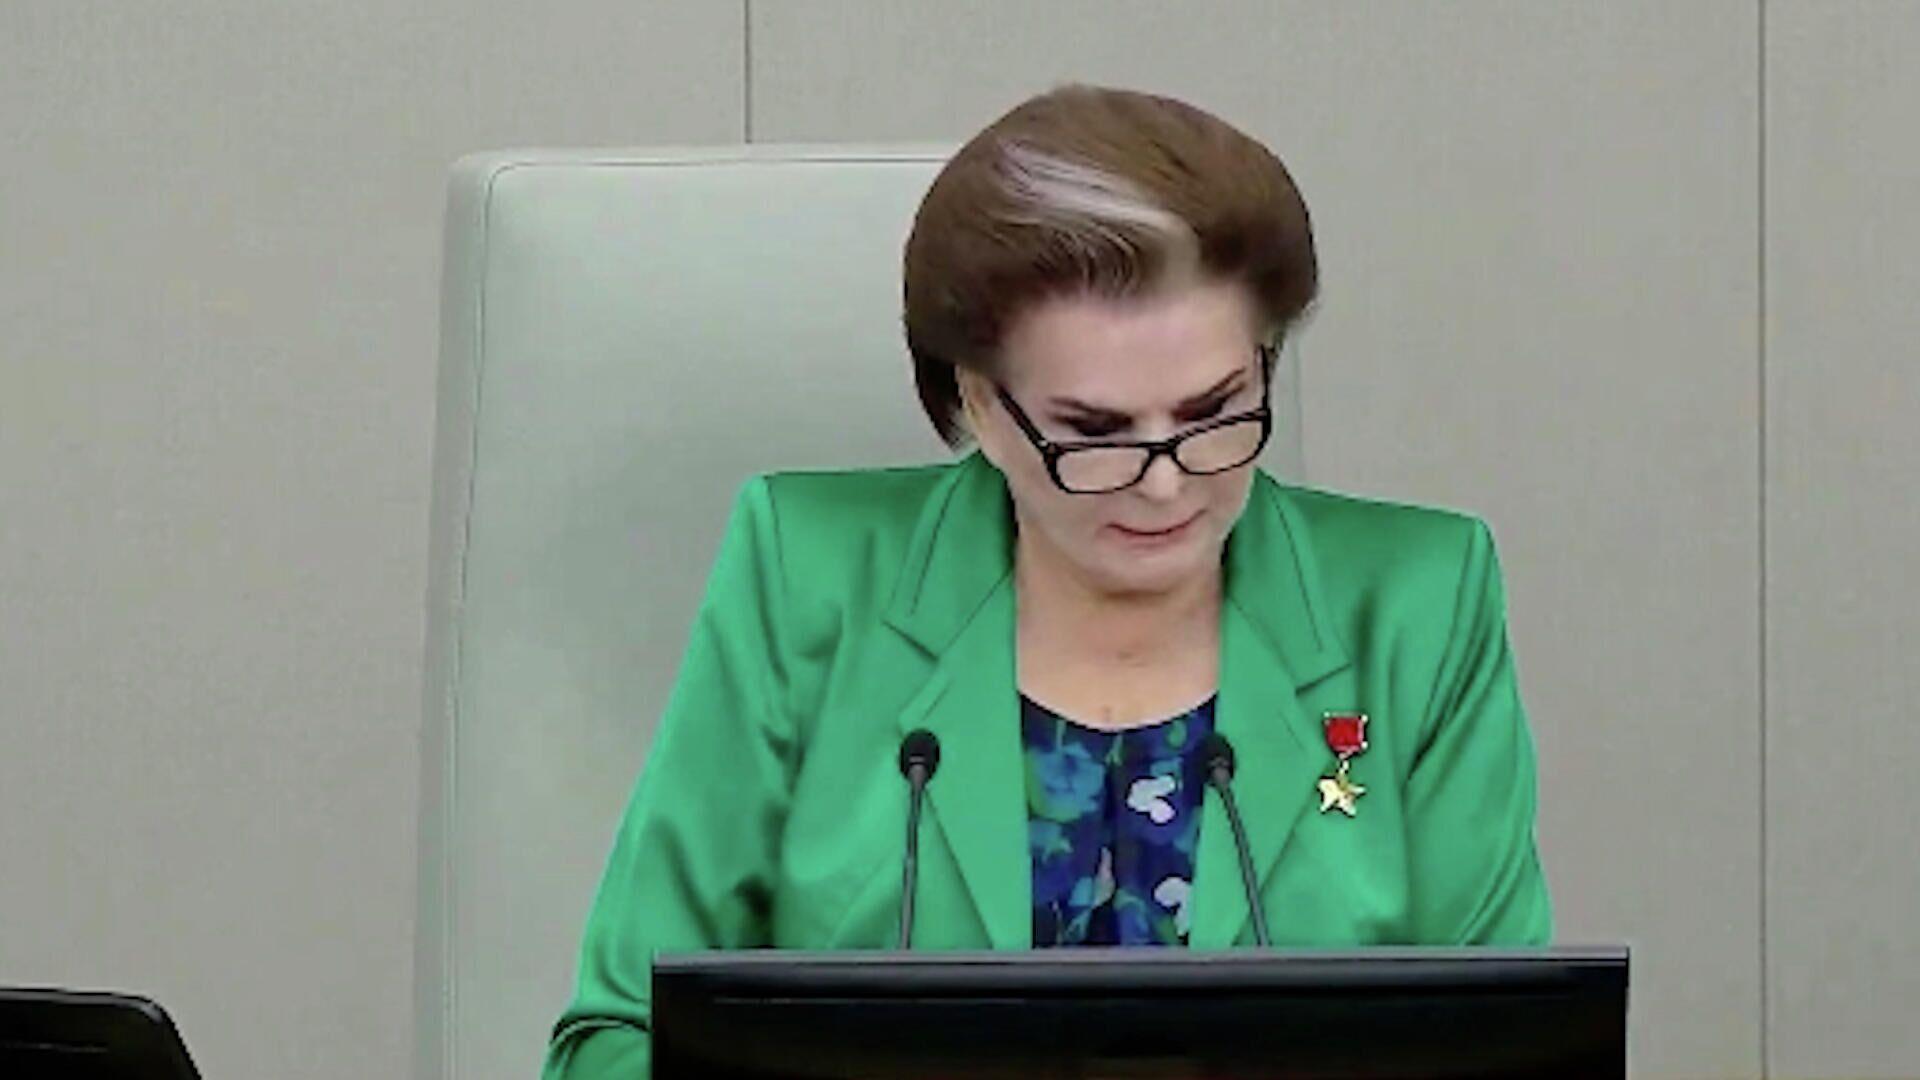 Терешкова открыла первое заседание Госдумы VIII созыва - РИА Новости, 1920, 12.10.2021